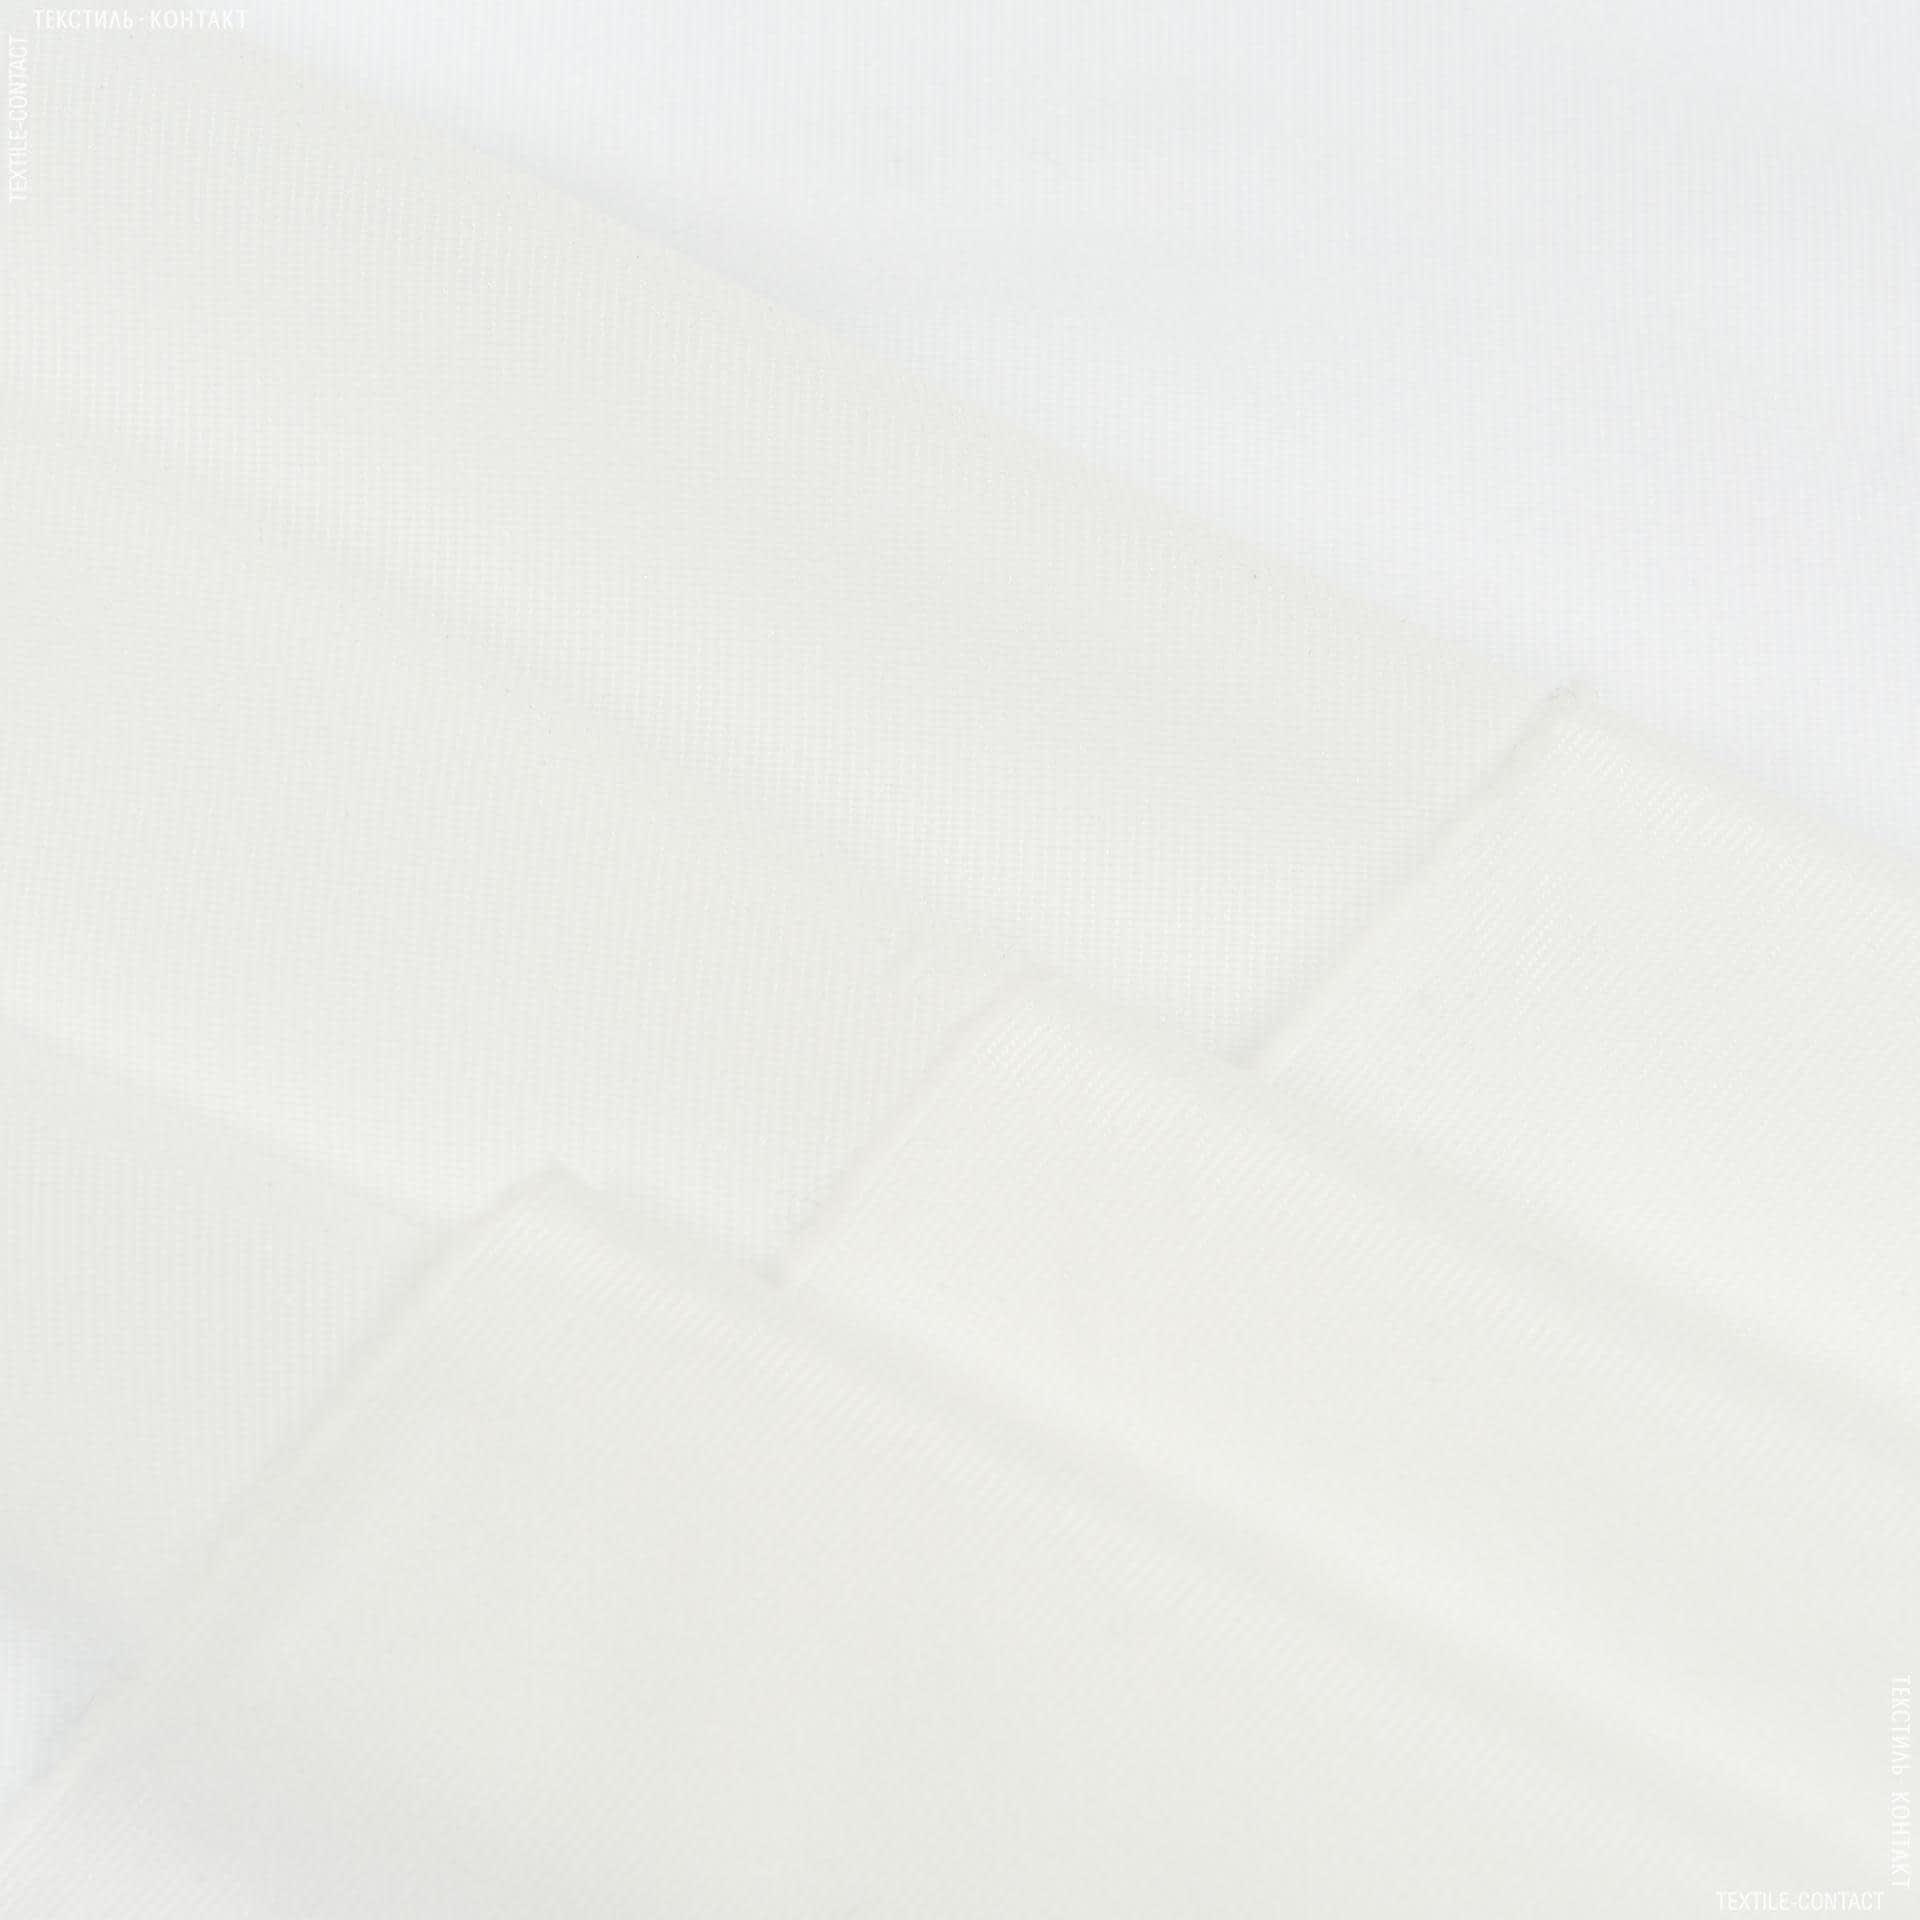 Ткани дублирин, флизелин - Дублирин эластичный белый 47г/м